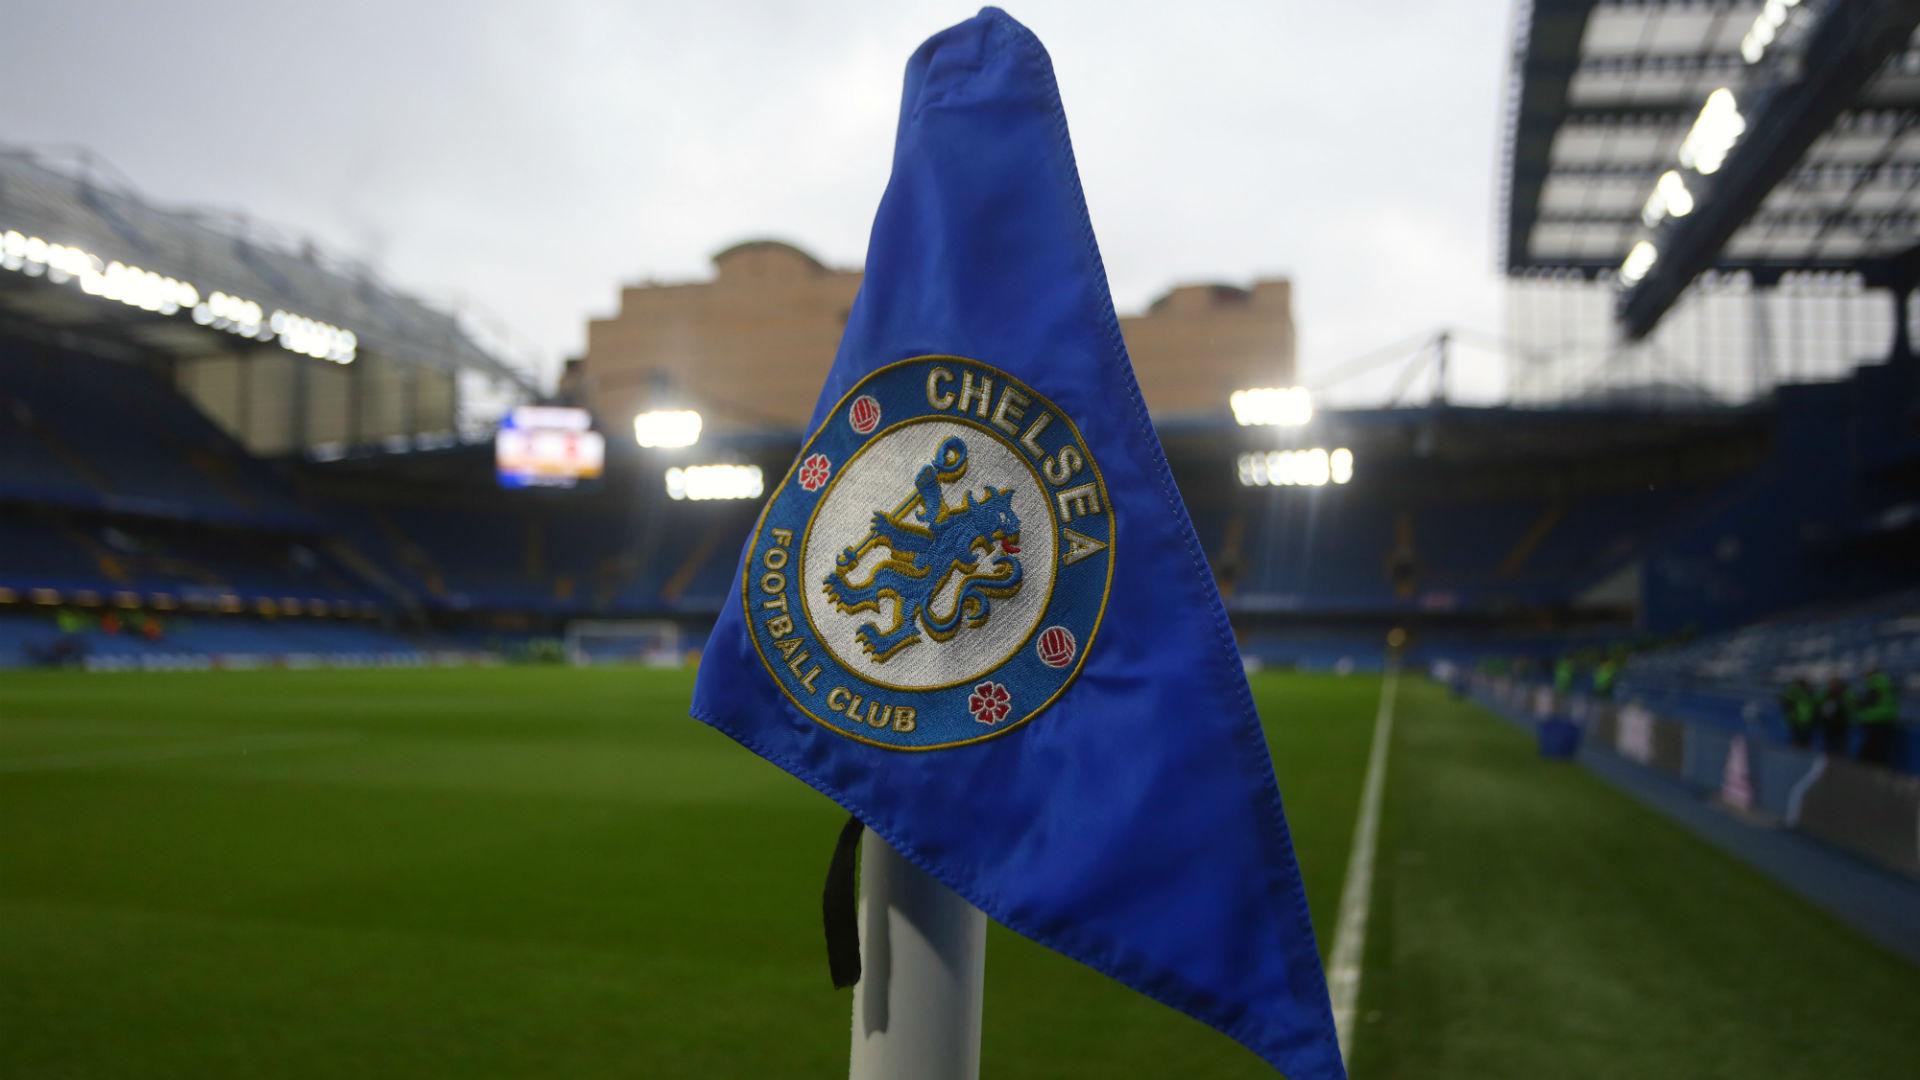 Chelsea-badge-cropped_1ubwrtr3h5vds1fqr3qo6xvgq8